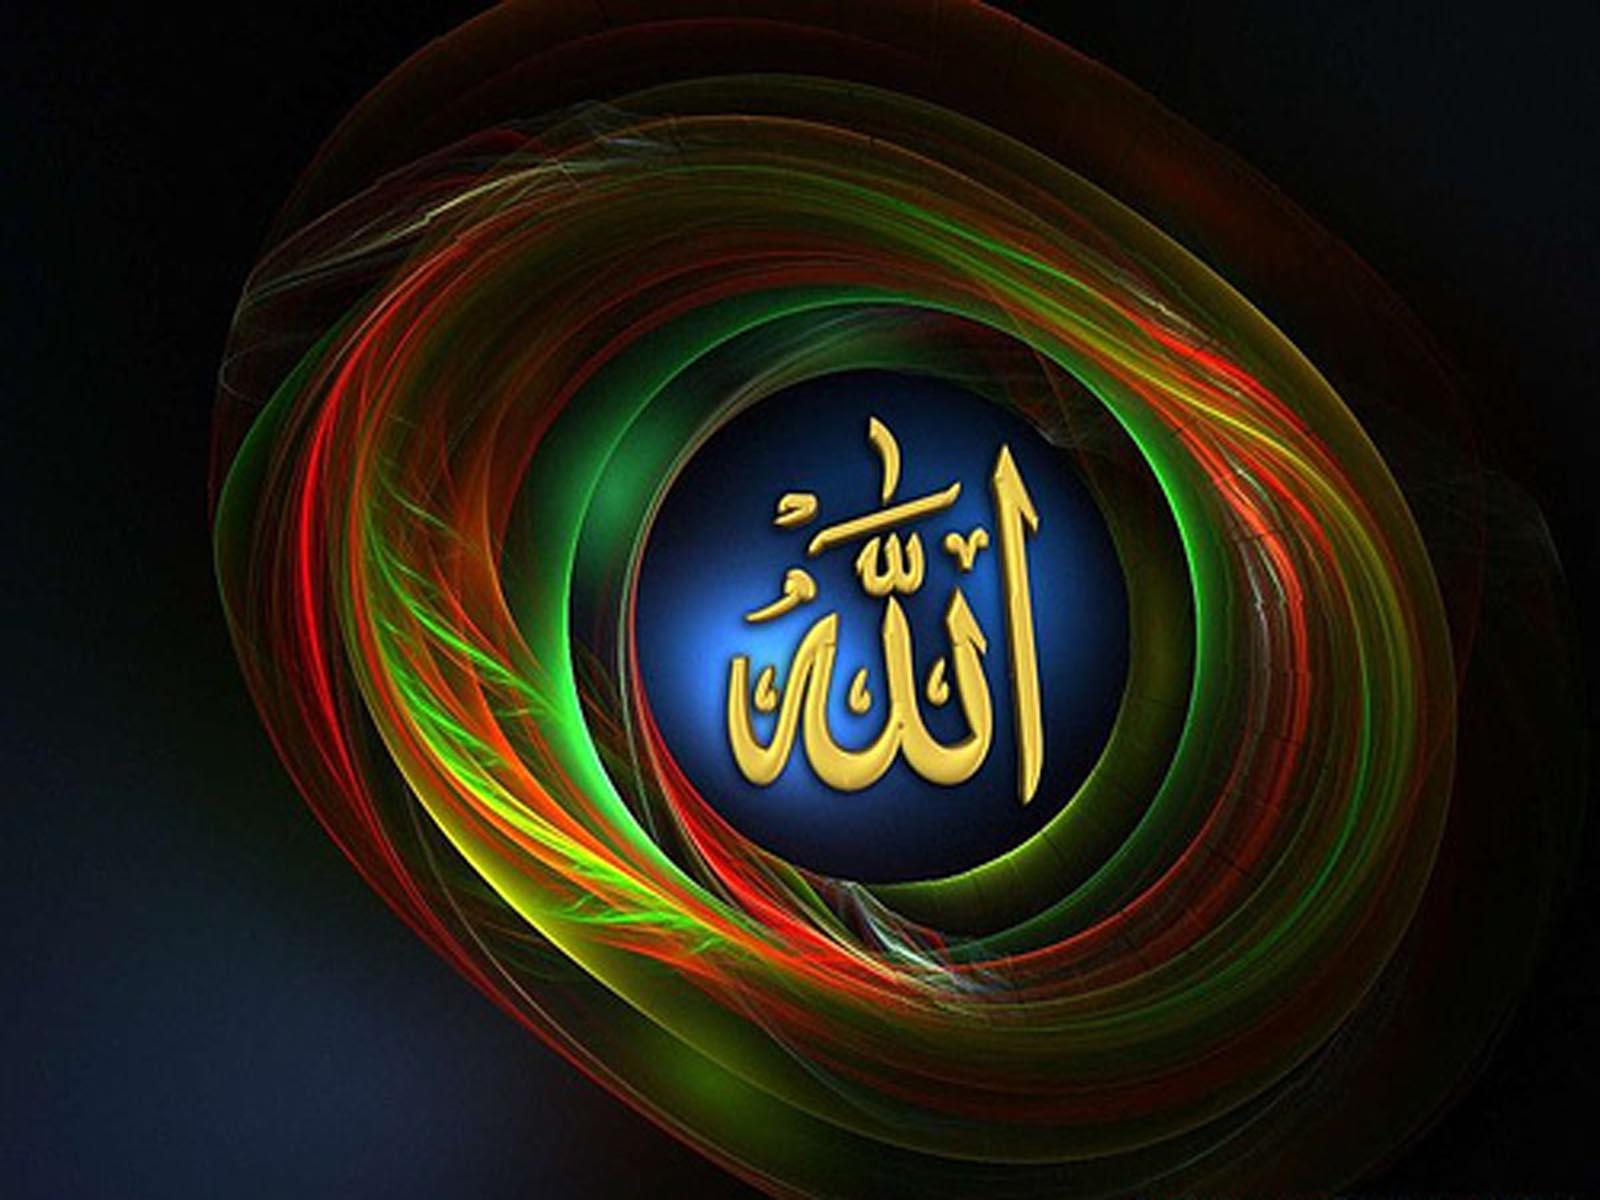 Hd Wallpapers Fayaz Alli Naming: صور اسم الله مكتوب علي صور لفظ الجلالة مكتوب